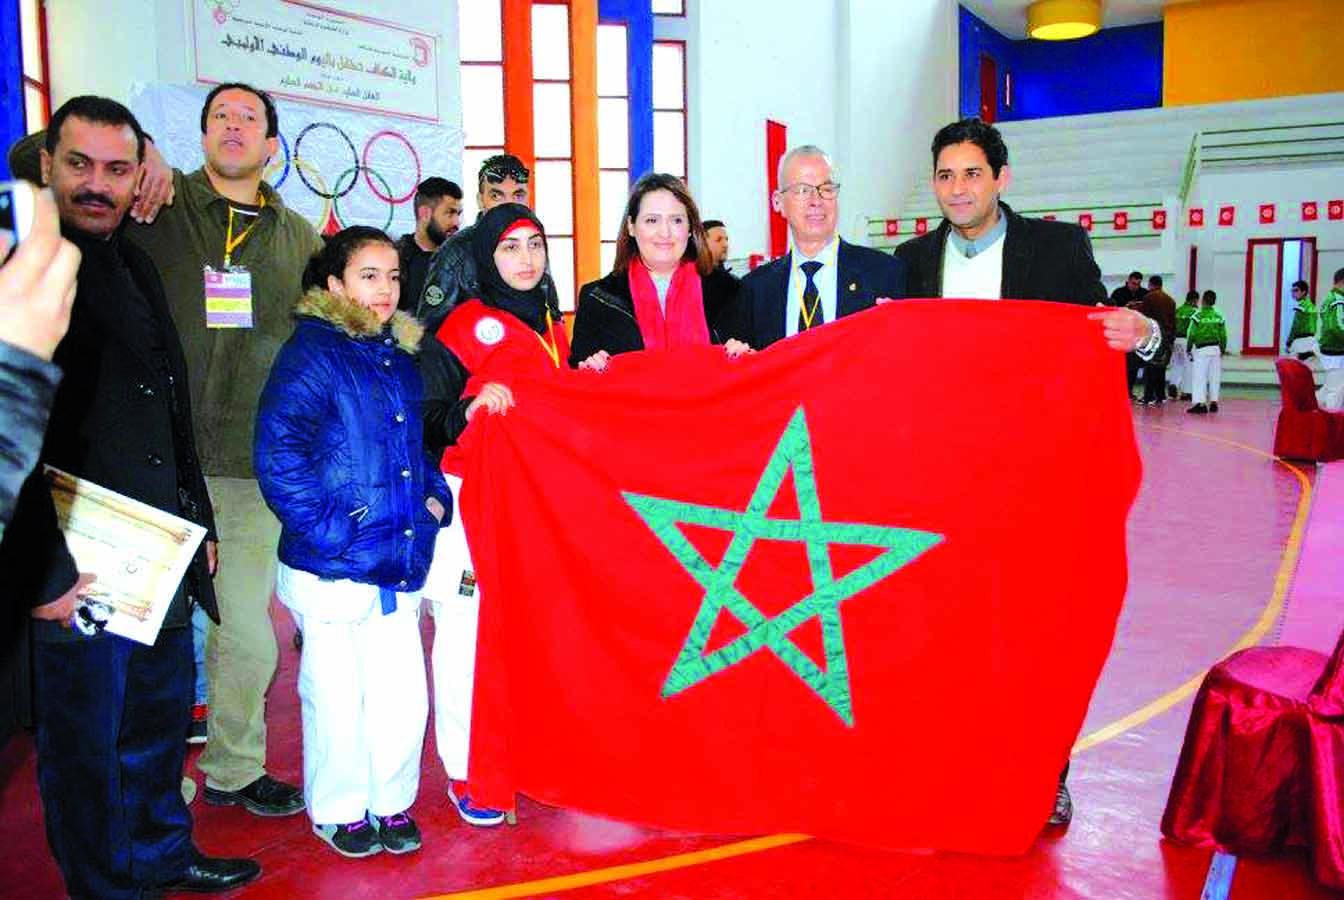 ميداليتان لرياضة الكوشيكي المغربية في دوري دولي بتونس